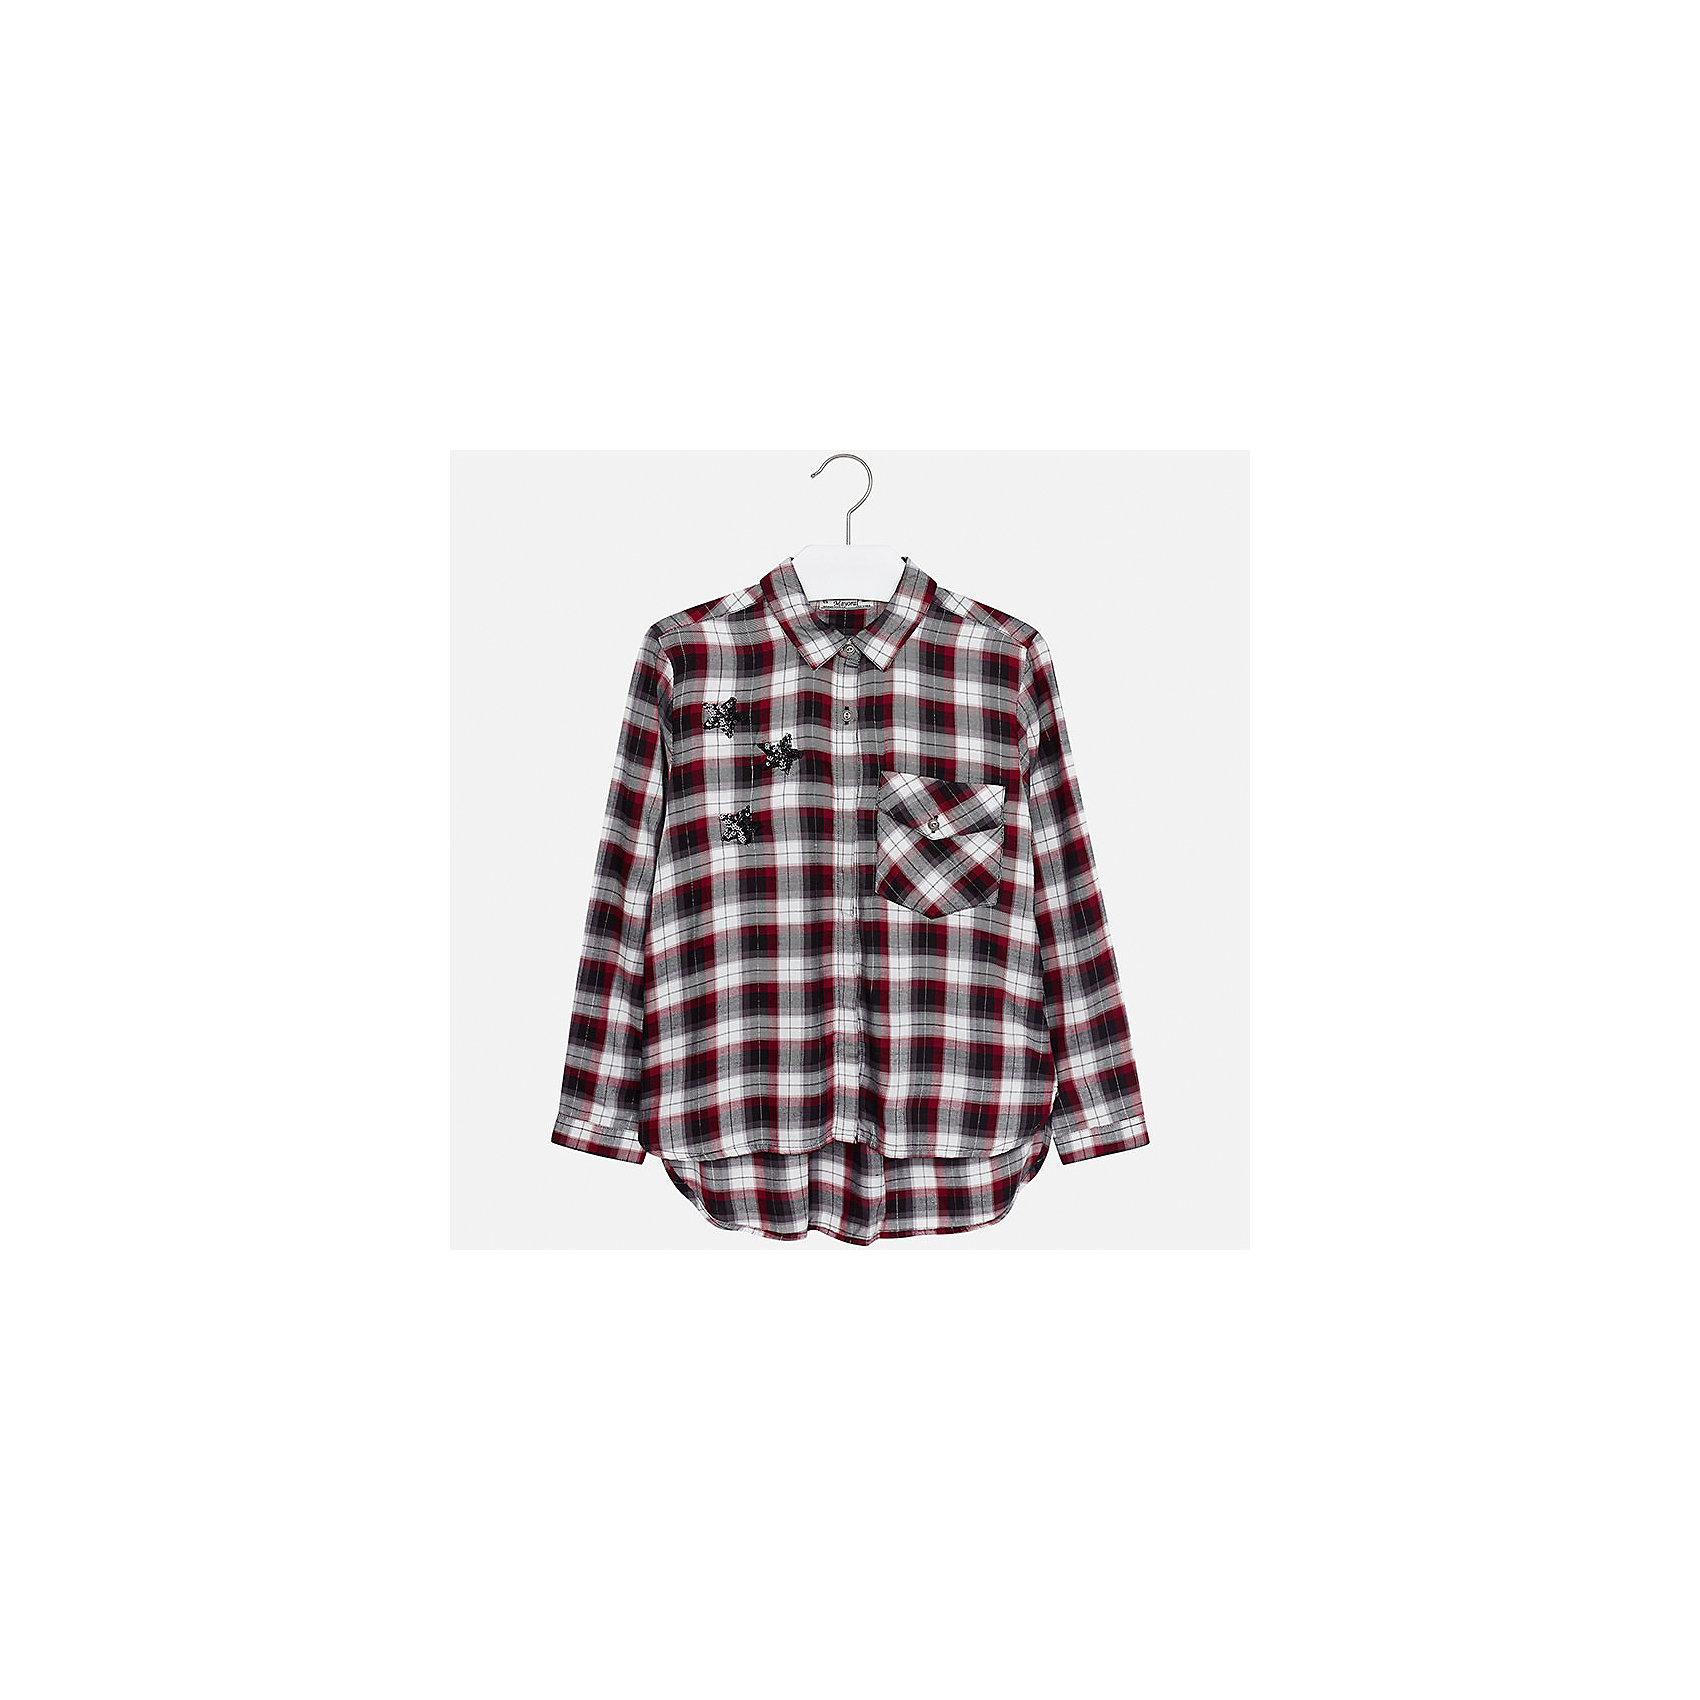 Рубашка Mayoral для девочкиБлузки и рубашки<br>Характеристики товара:<br><br>• цвет: красный<br>• состав ткани: 100% вискоза<br>• длинные рукава<br>• сезон: круглый год<br>• застежка: пуговицы<br>• страна бренда: Испания<br>• страна изготовитель: Индия<br><br>Клетчатая блузка Mayoral обеспечит ребенку комфорт и сделает наряд оригинальным. Детская блузка для девочки от Майорал - одна из самых модных вещей наступающего сезона.<br><br>Детская одежда от испанской компании Mayoral отличаются оригинальным и всегда стильным дизайном. Качество продукции неизменно очень высокое.<br><br>Блузку для девочки Mayoral (Майорал) можно купить в нашем интернет-магазине.<br><br>Ширина мм: 186<br>Глубина мм: 87<br>Высота мм: 198<br>Вес г: 197<br>Цвет: красный<br>Возраст от месяцев: 168<br>Возраст до месяцев: 180<br>Пол: Женский<br>Возраст: Детский<br>Размер: 170,128/134,140,152,158,164<br>SKU: 6921690